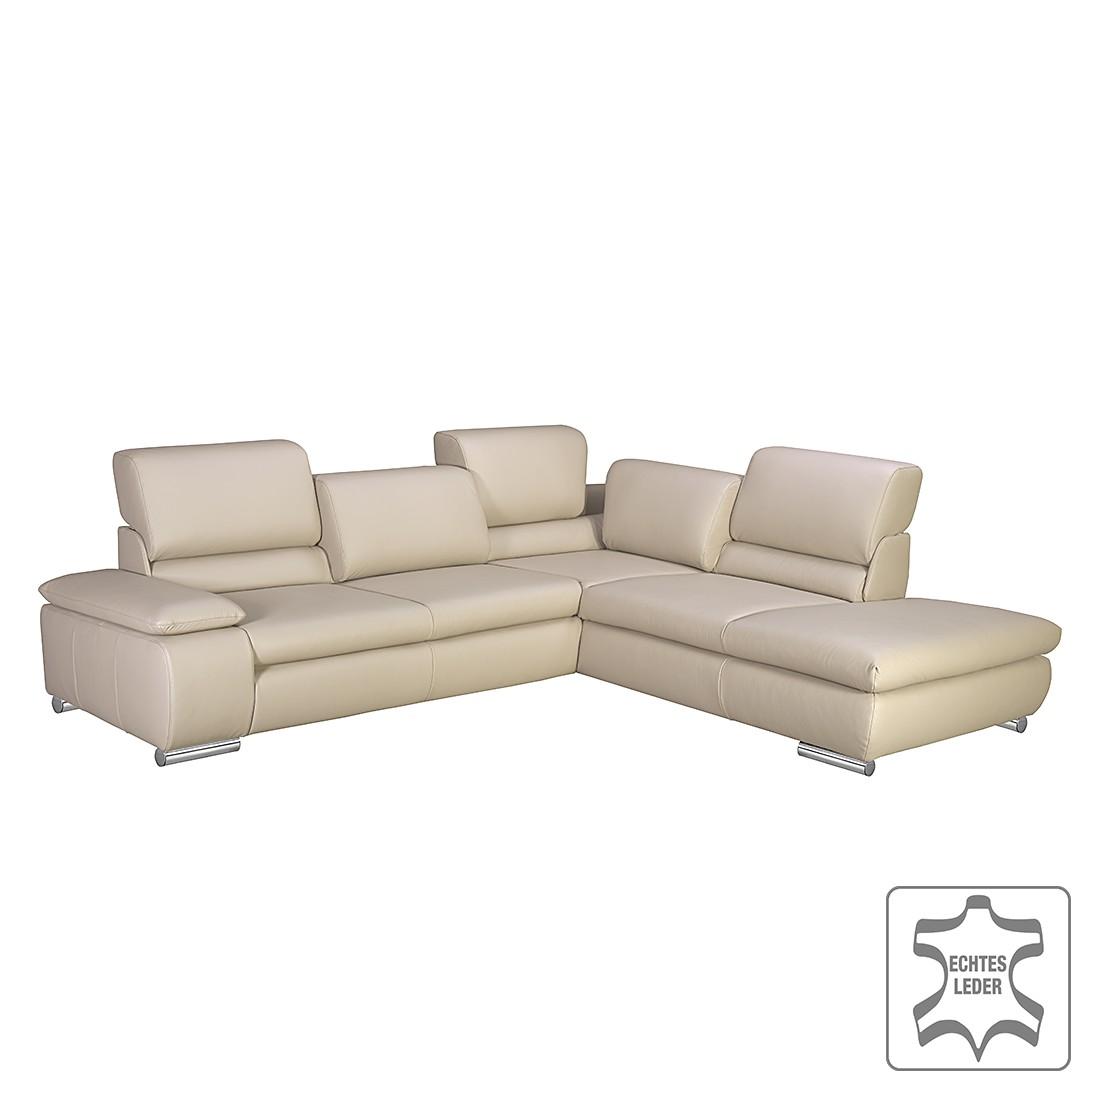 eckbankgruppe penaflor ii echtleder beige freiform. Black Bedroom Furniture Sets. Home Design Ideas